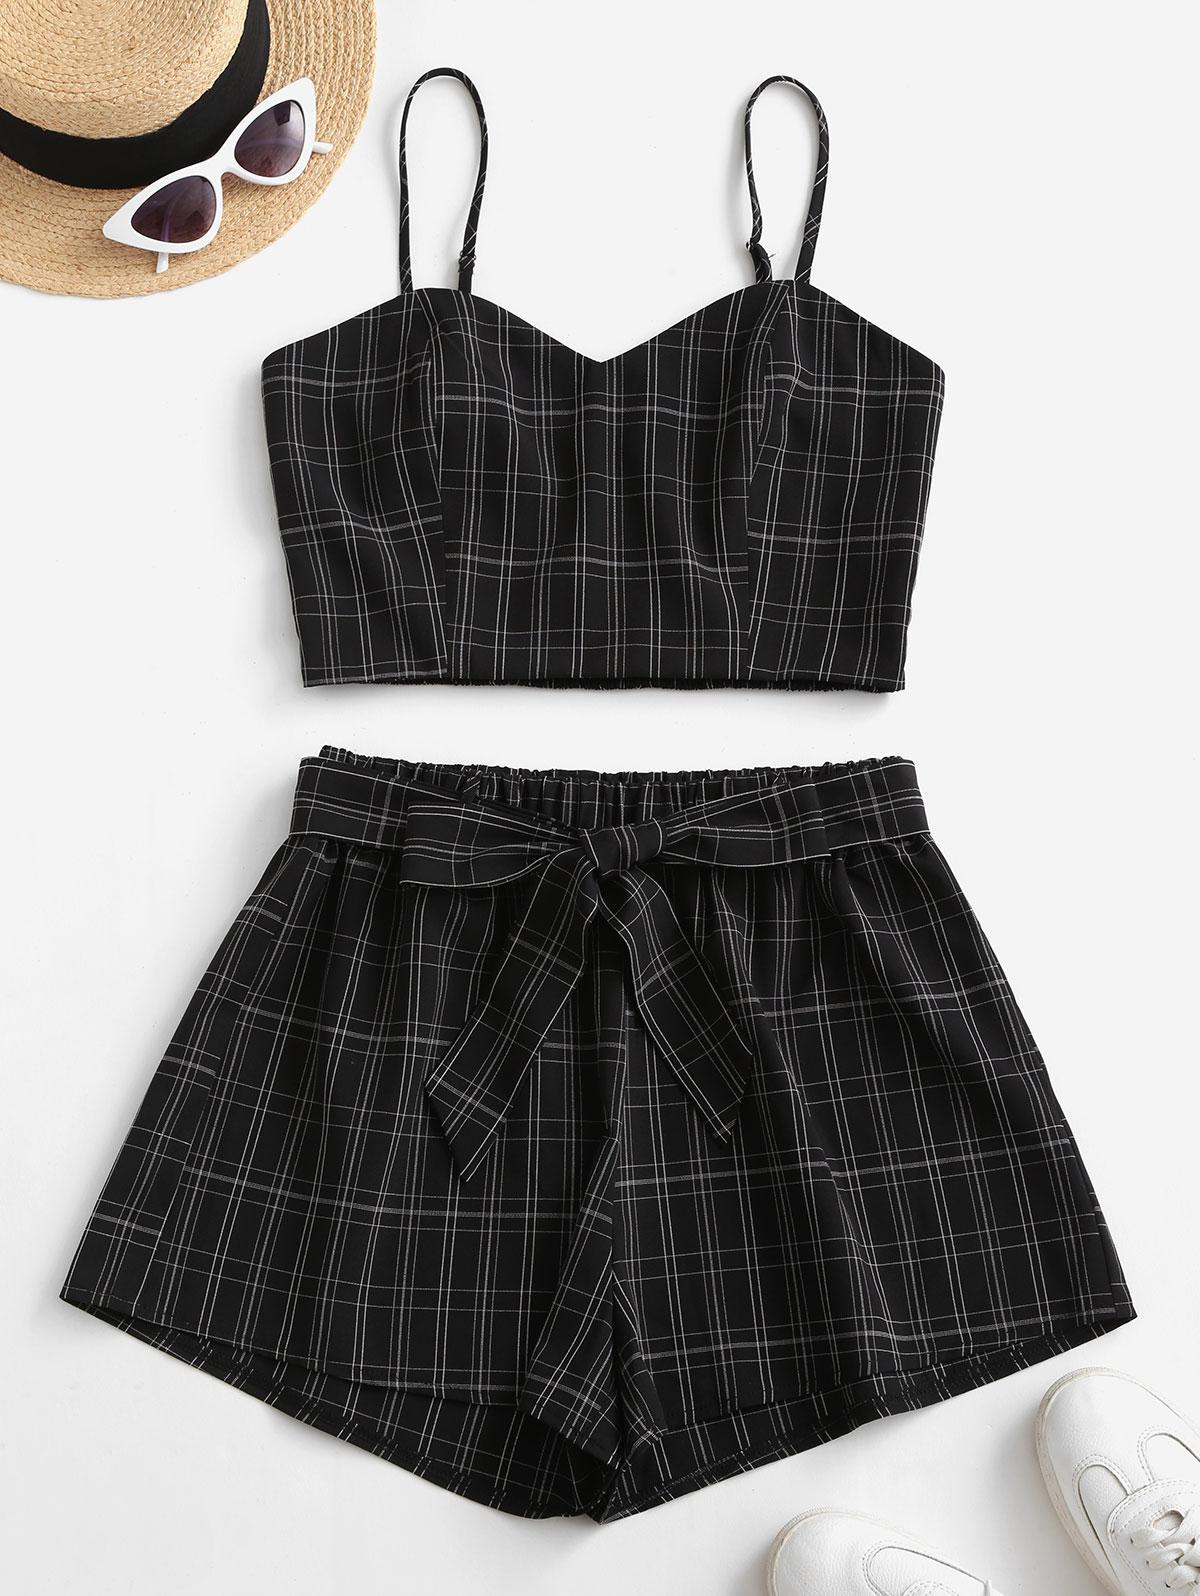 ZAFUL Plaid Belted Smocked Shorts Set